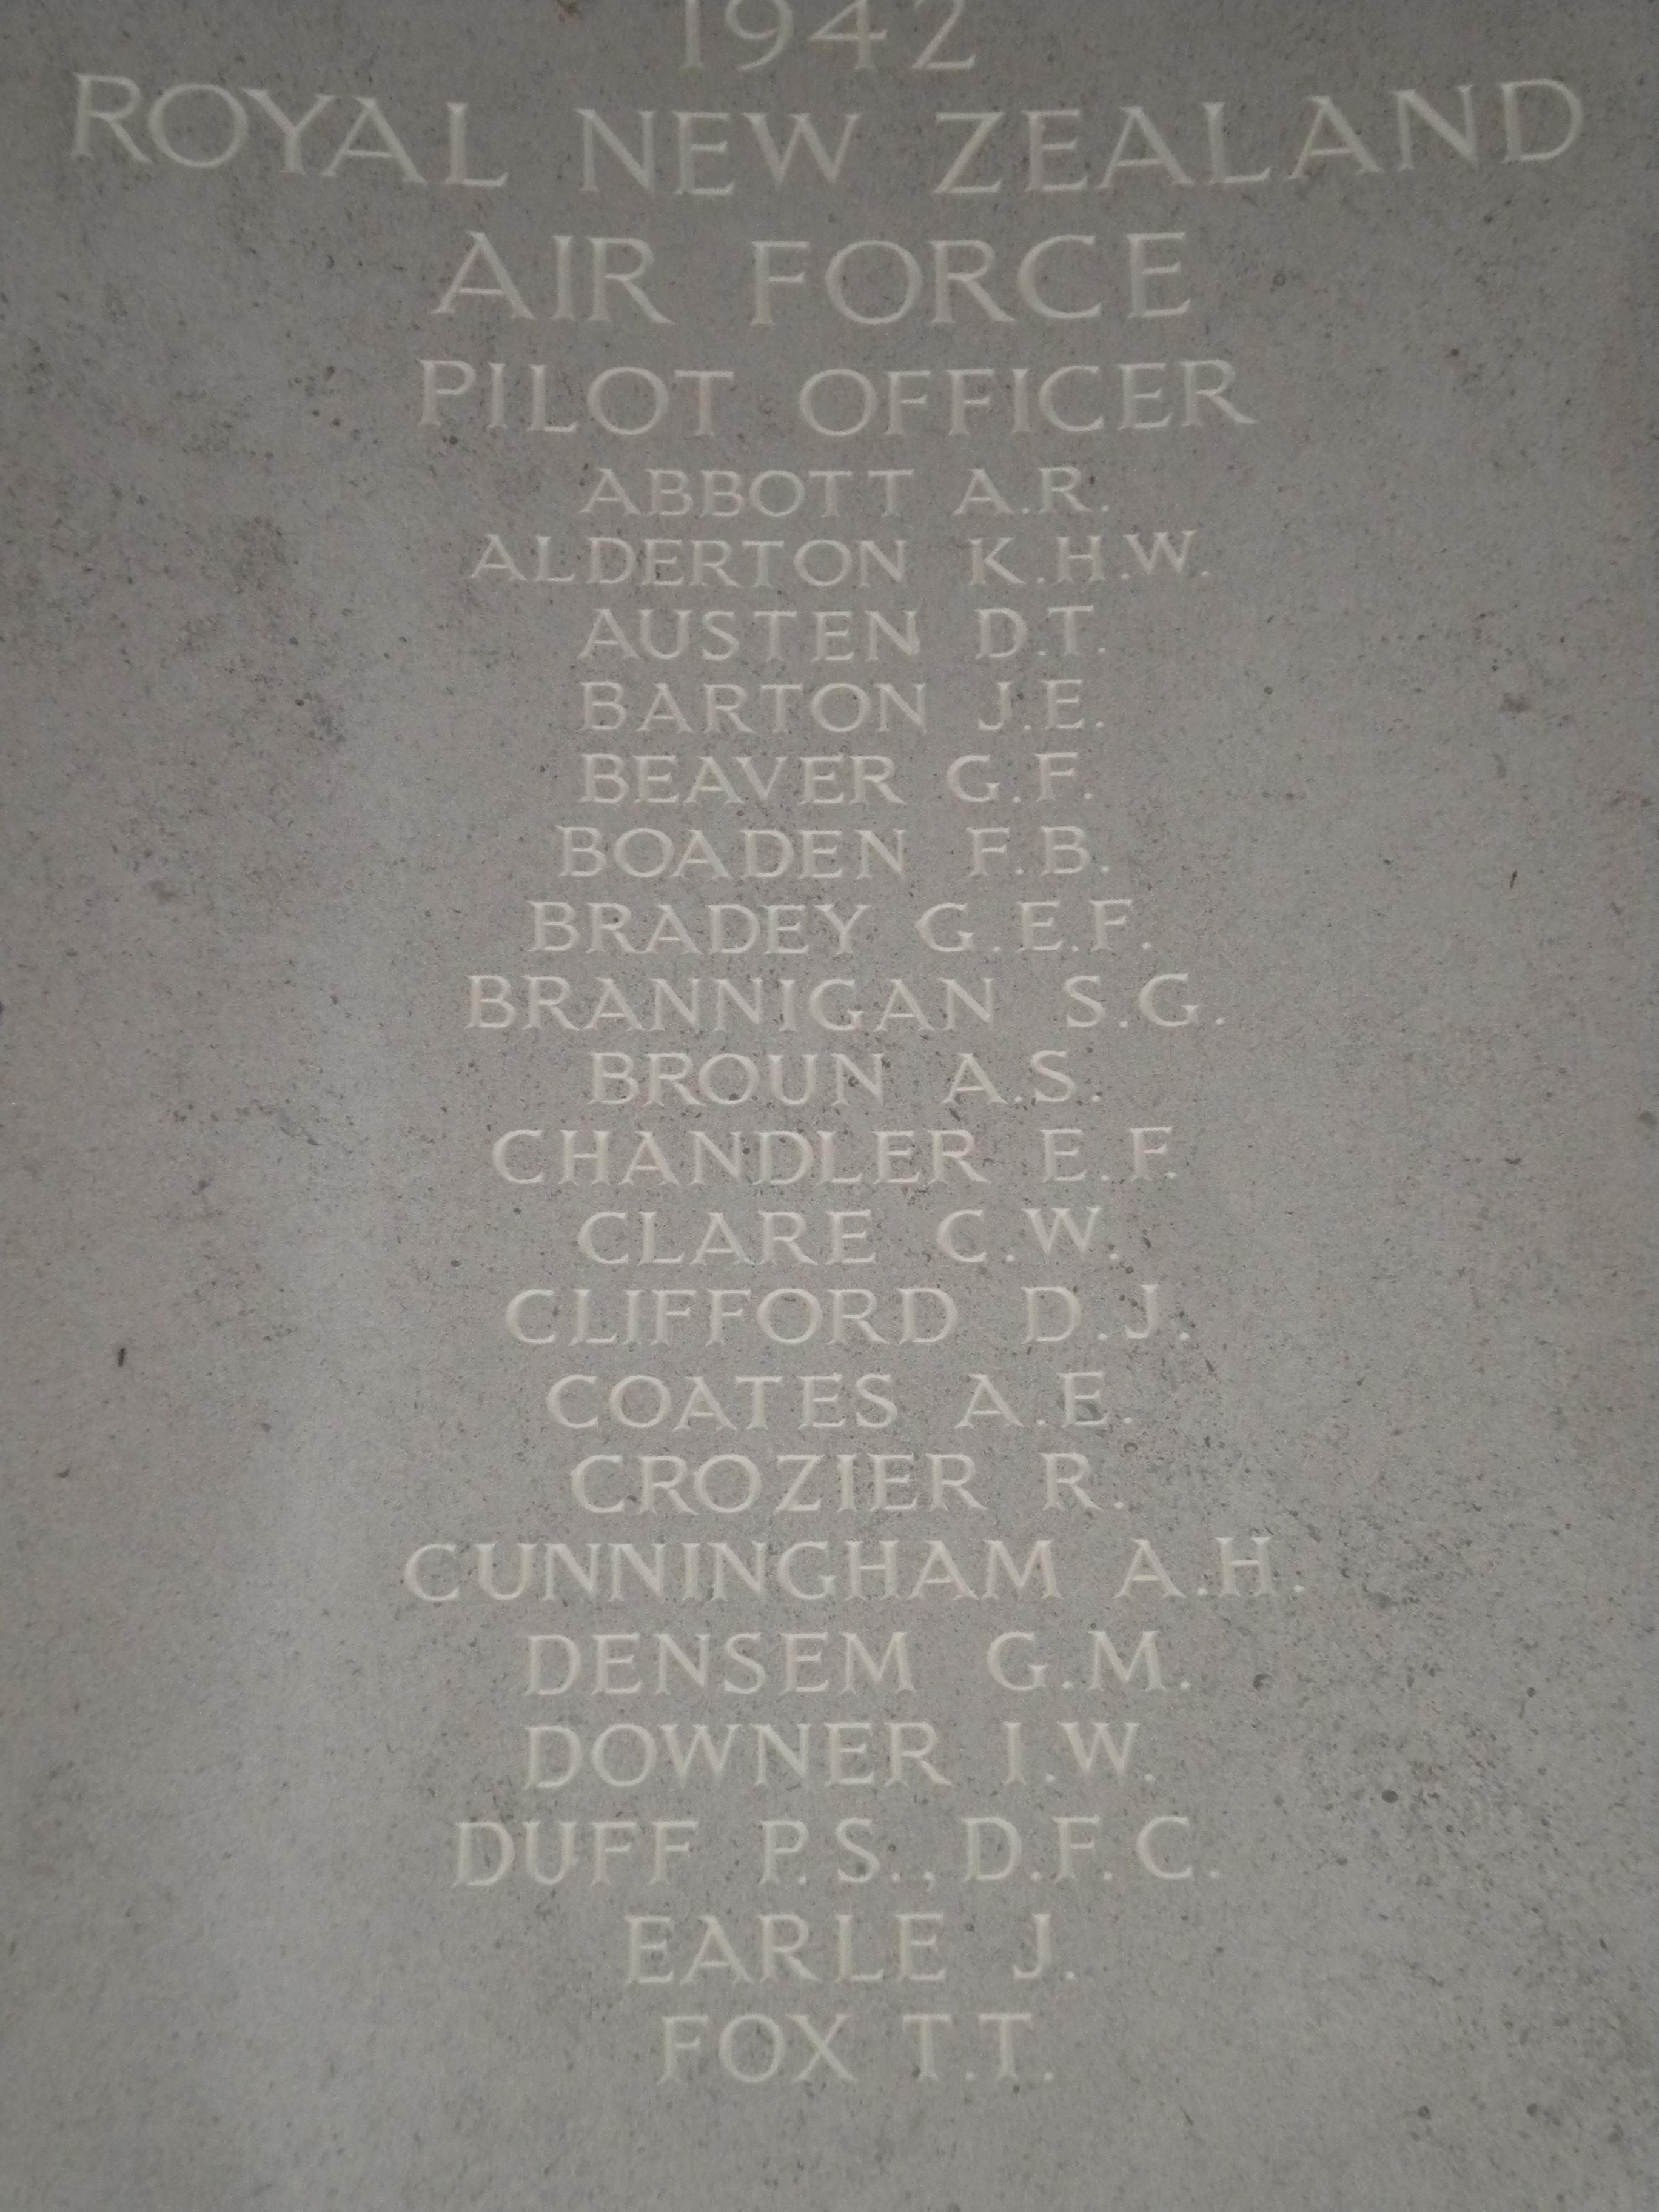 Pilot Officer Alexander Richard Abbott